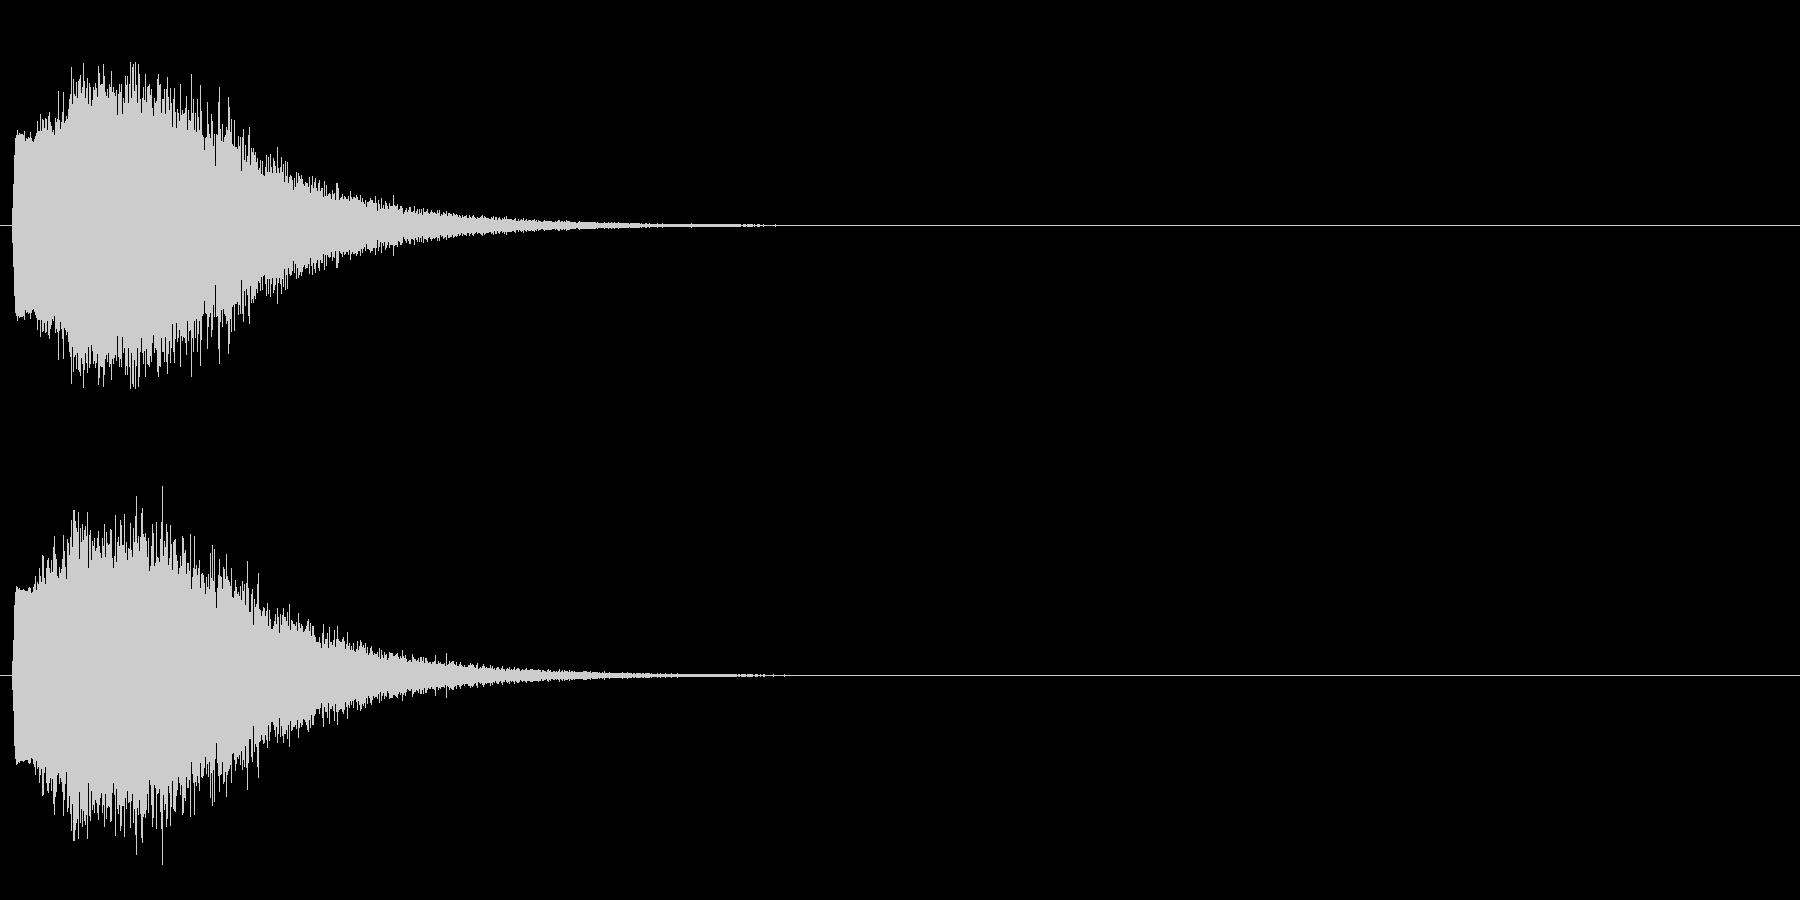 「キュイン!」輝く・レーザー発射2の未再生の波形